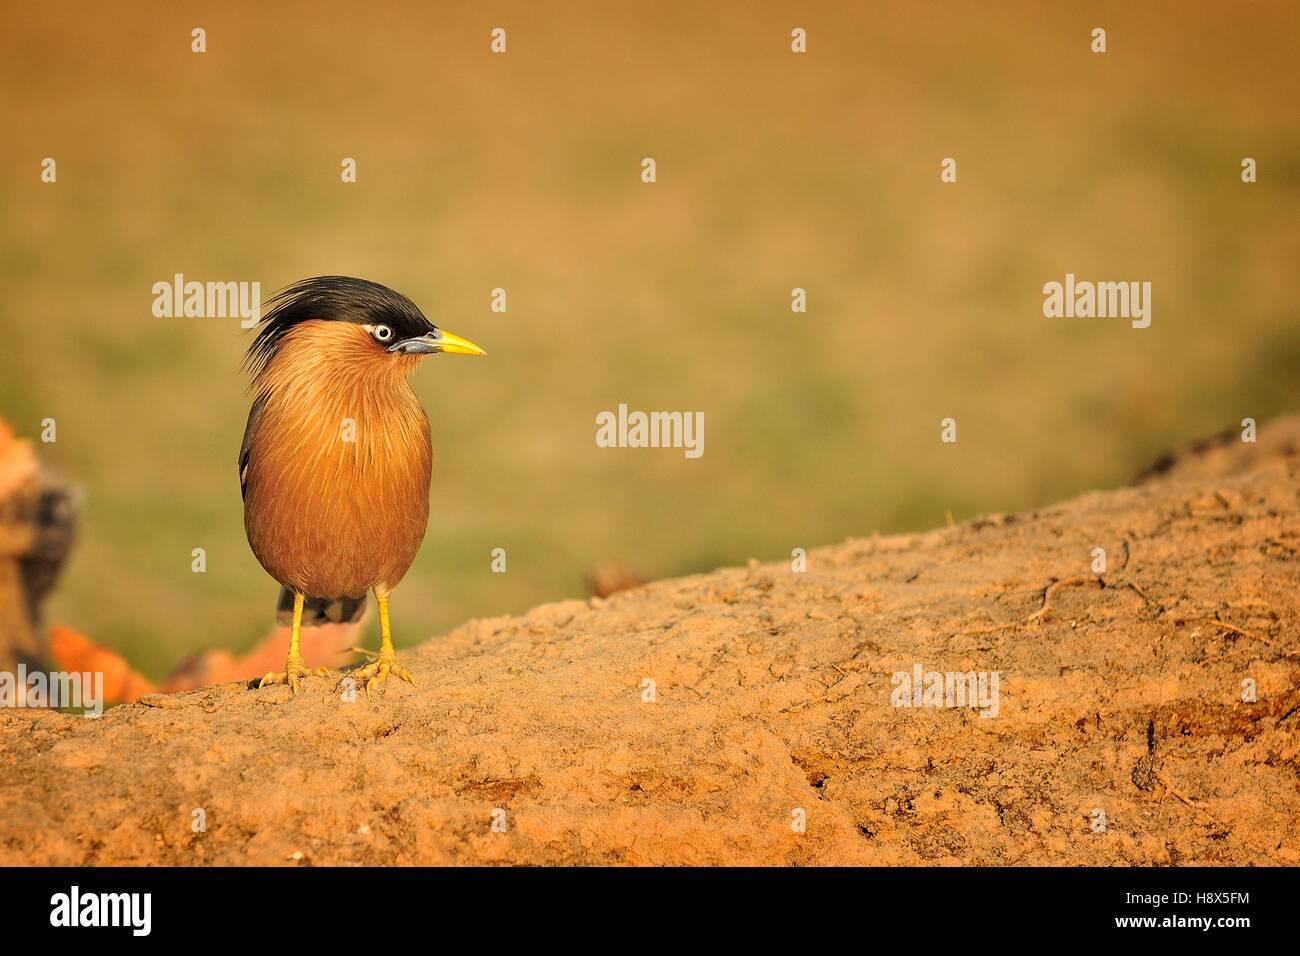 Brahminy Starling (Sturnia pagodarum) on ground, Bharatpur, India - Stock Image